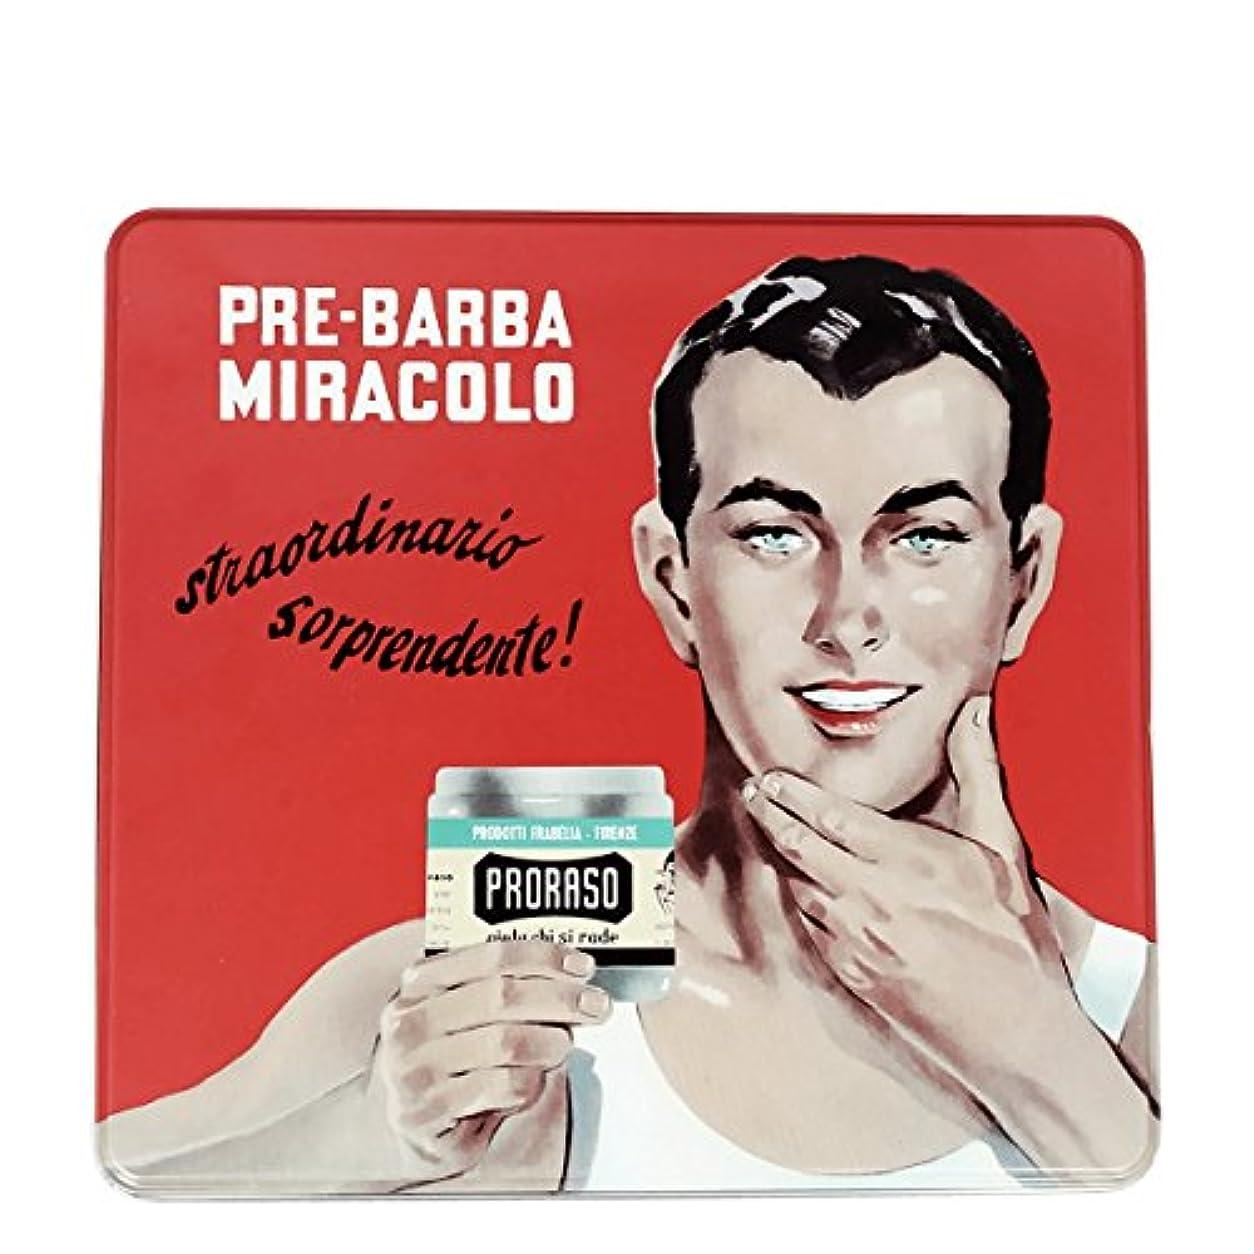 認証馬鹿ウサギProraso ジーノ ヴィンテージ リフレッシュ セレクション 缶[海外直送品] [並行輸入品]